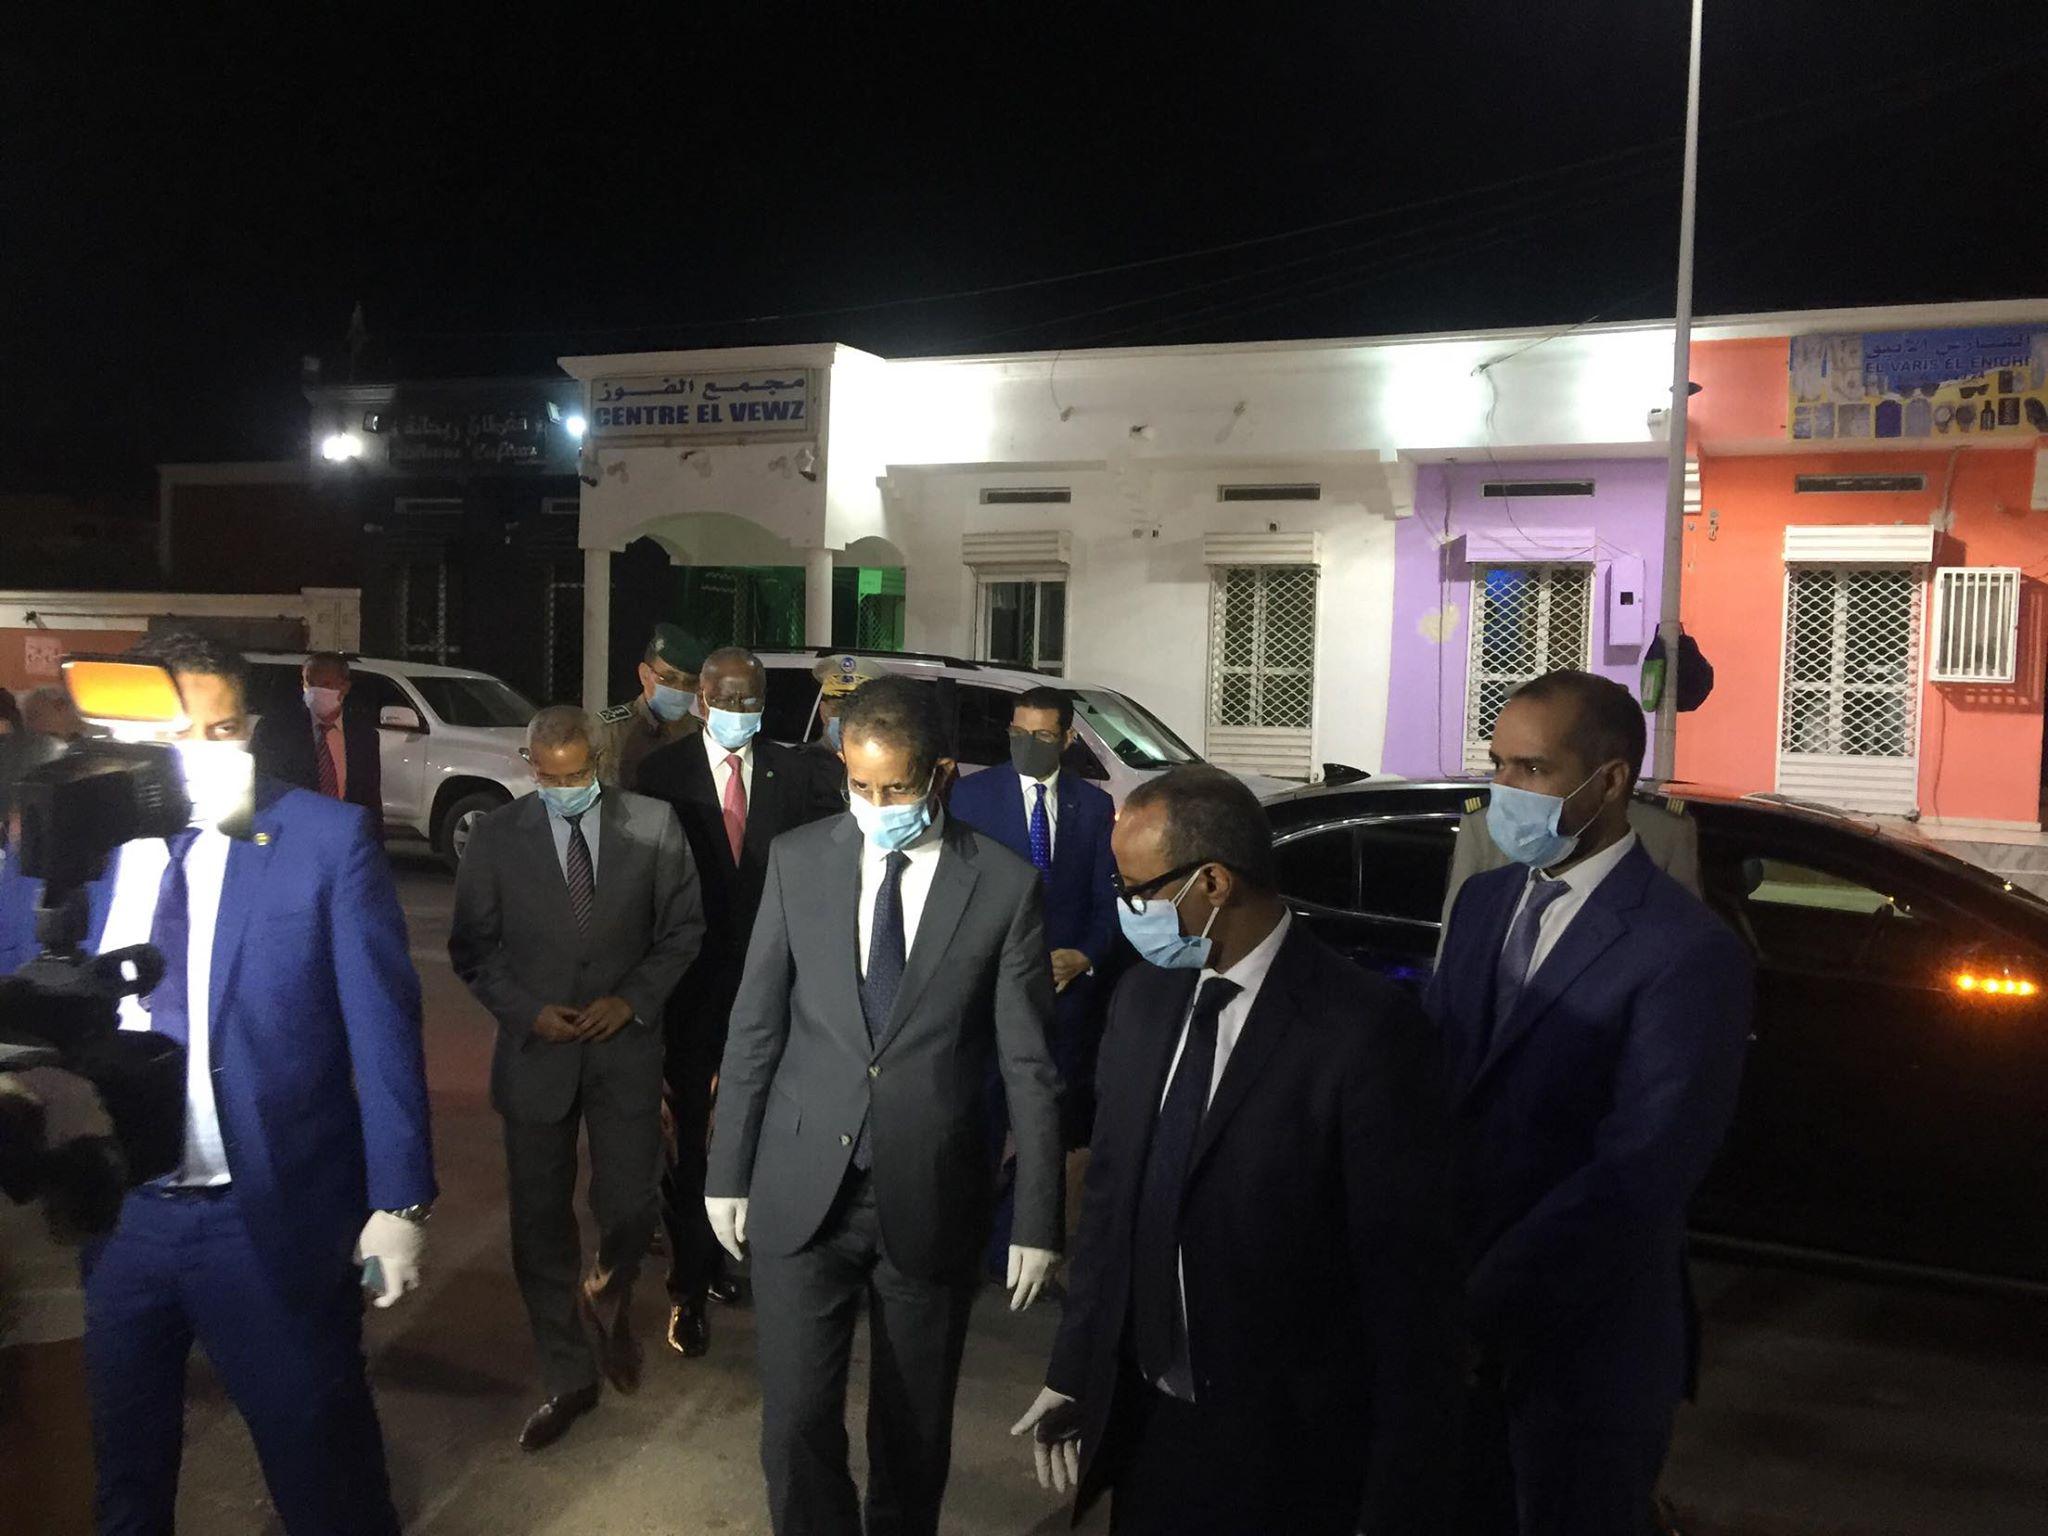 الوزير الأول وأعضاء الحكومة خلال جولته الليلة